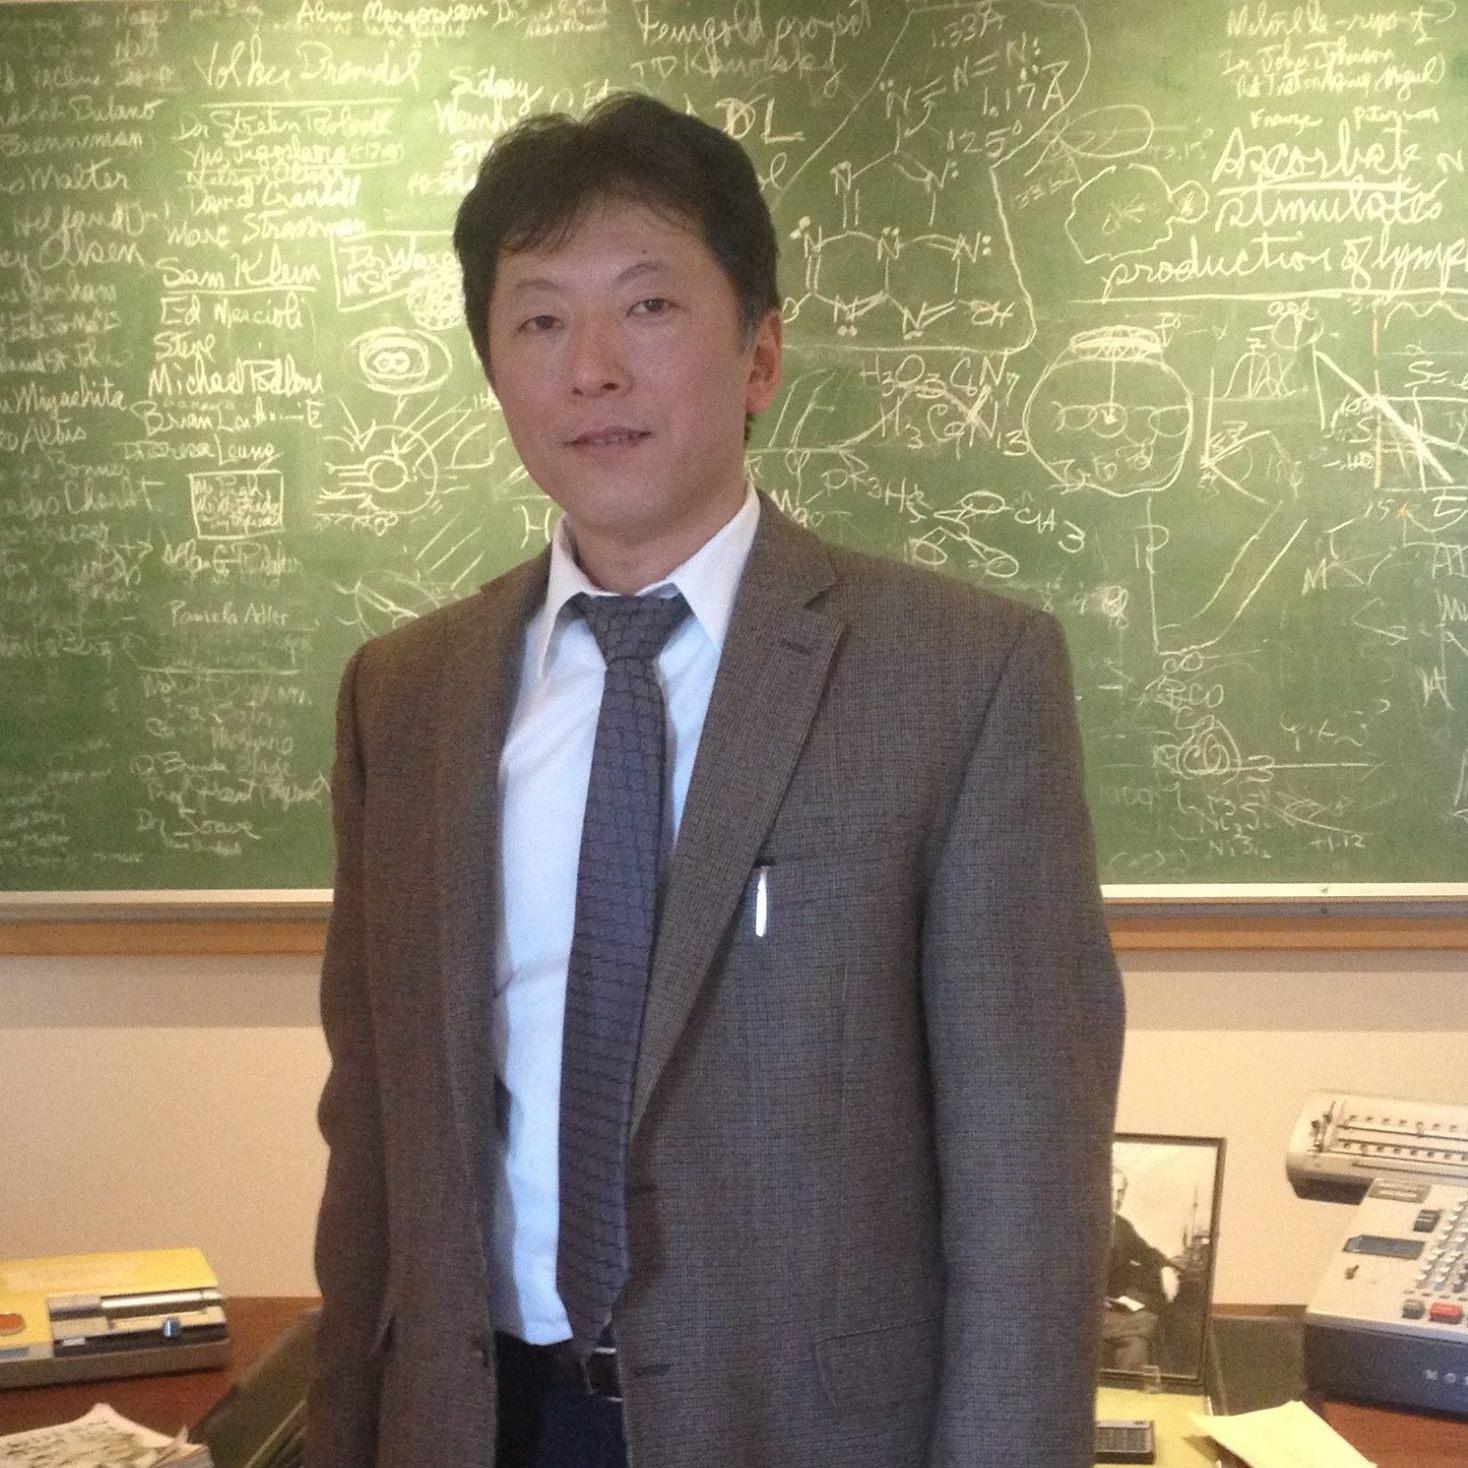 Katsuhiko Murakami